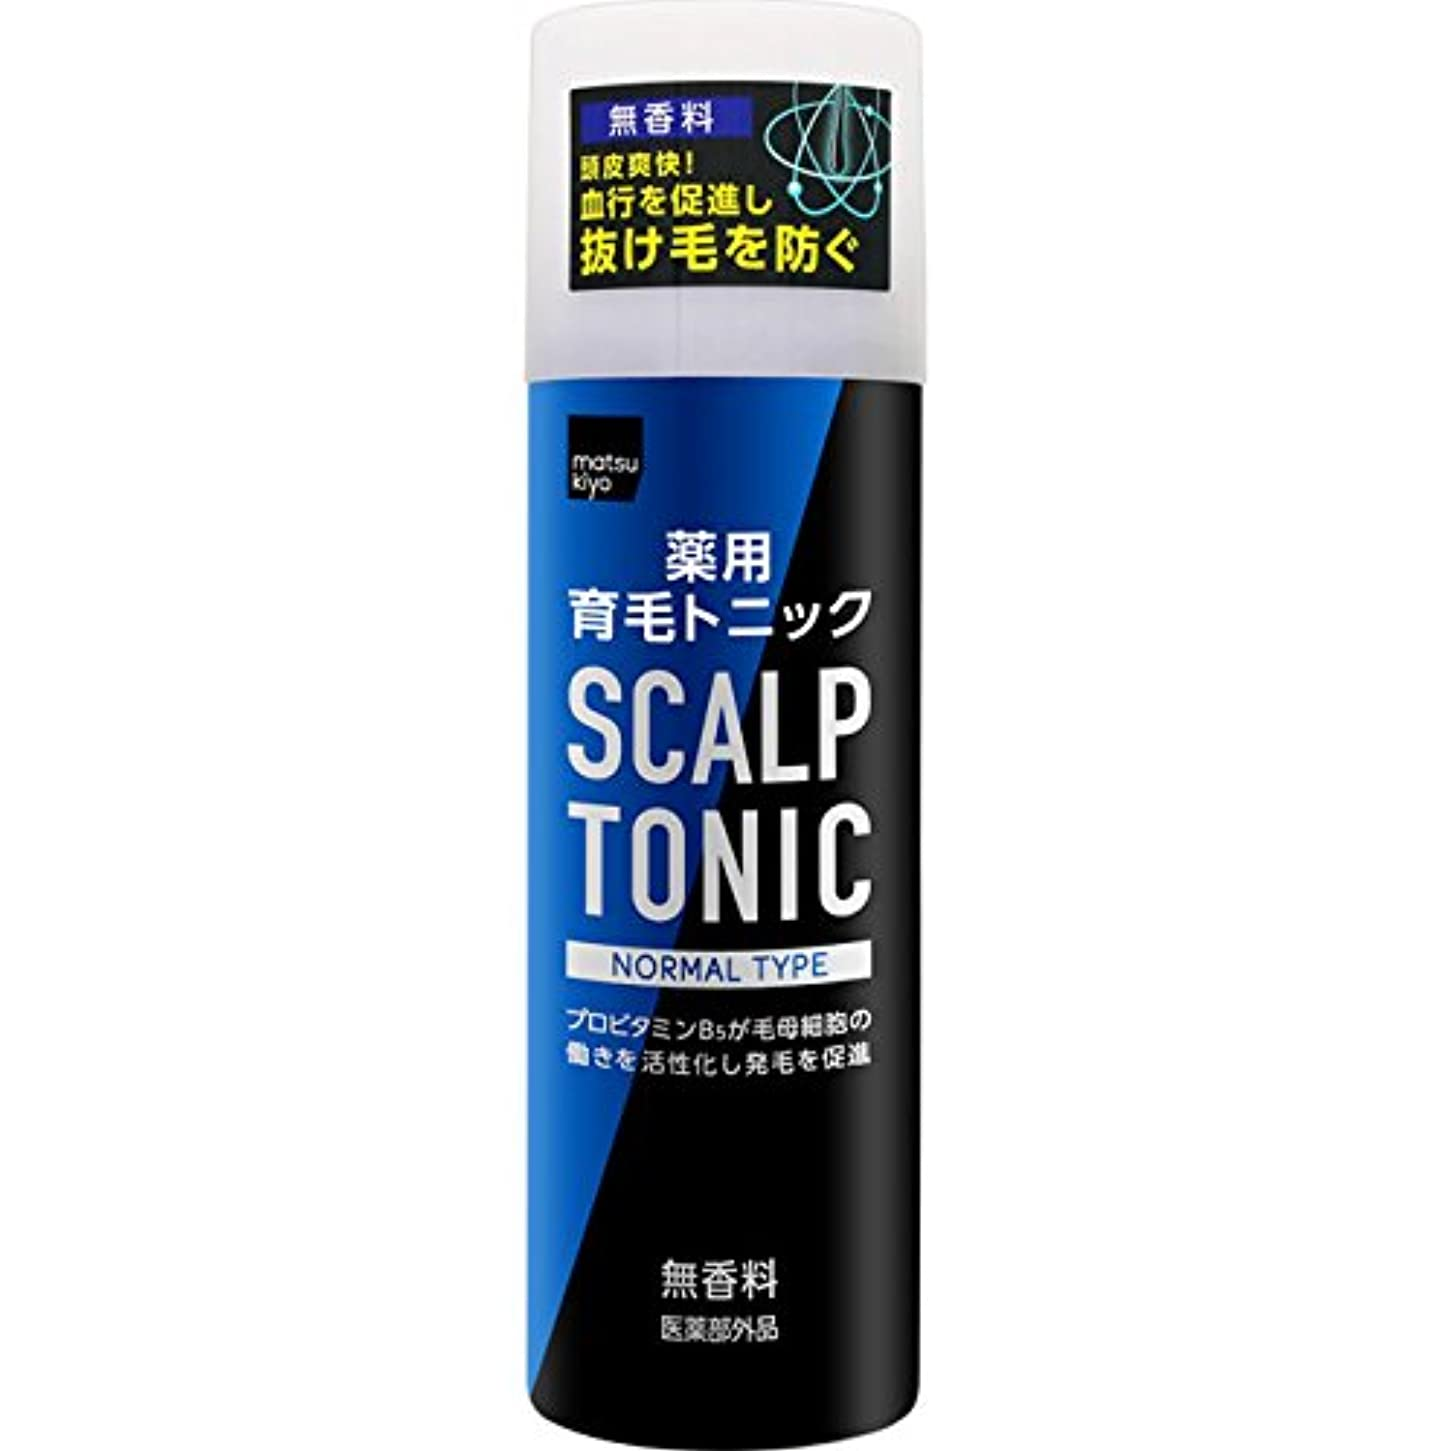 掃く敵縫うmatsukiyo 薬用育毛トニック 190g (医薬部外品)